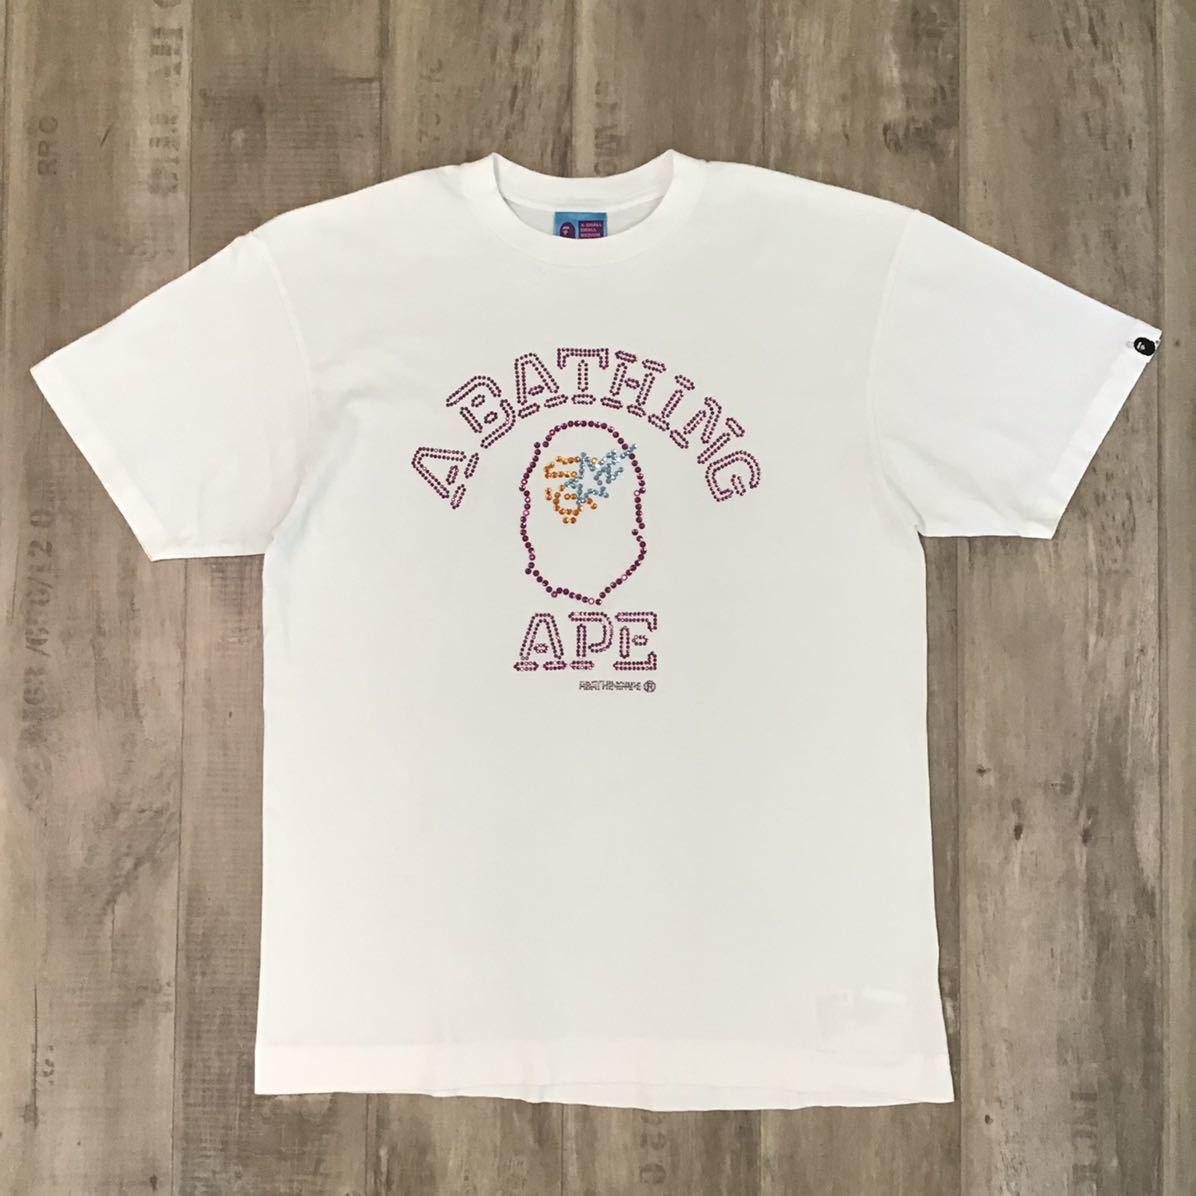 swarovski カレッジロゴ Tシャツ Lサイズ a bathing ape スワロフスキー エイプ ベイプ アベイシングエイプ bape sta ラインストーン yp6